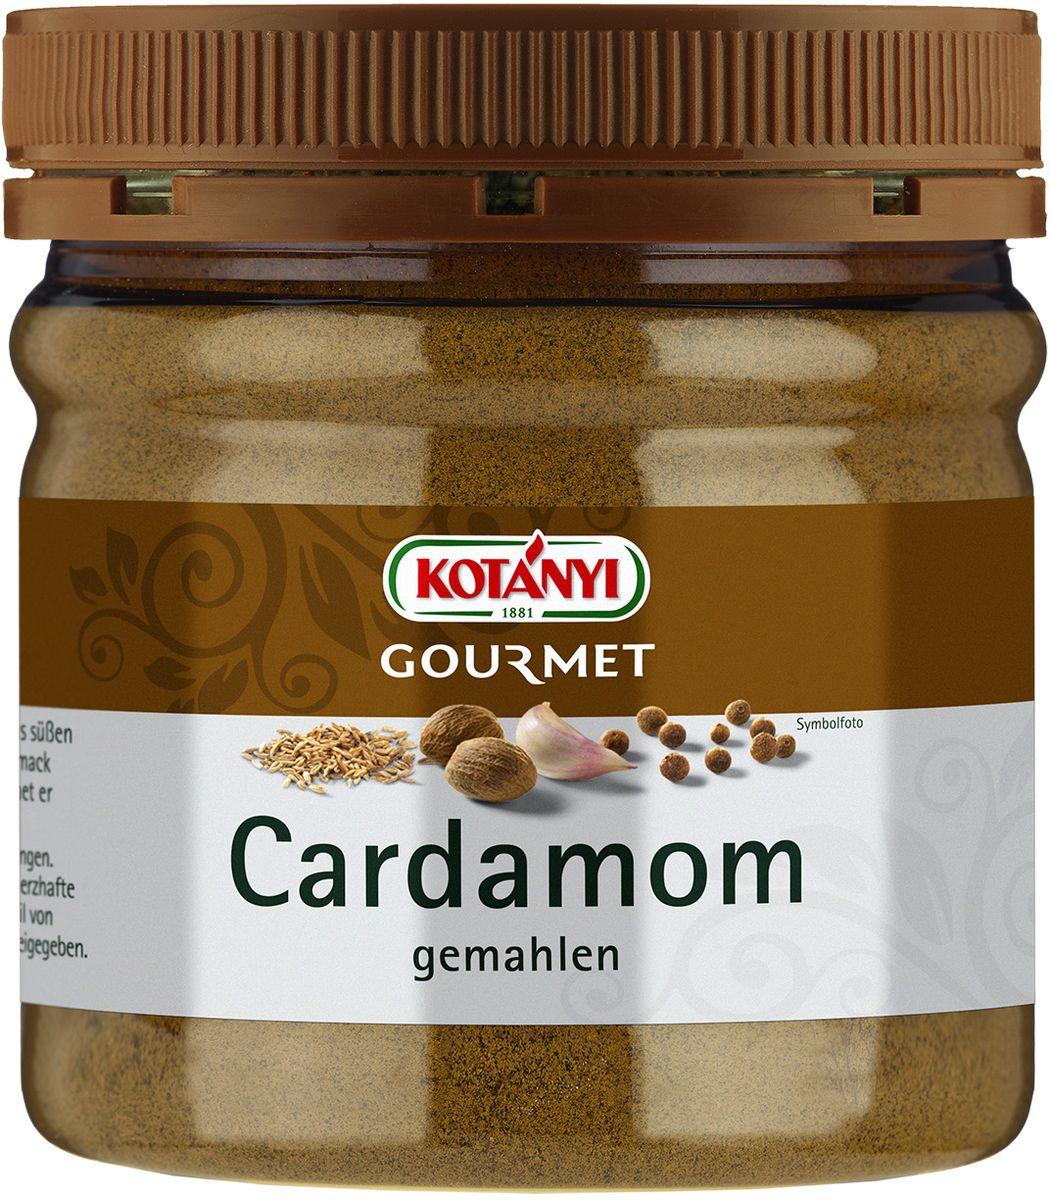 Kotanyi Кардамон молотый, 159 г742701Кардамон обладает ярким вкусом и ароматом, напоминающим эвкалипт. Кардaмон Kotanyi придаст вашим блюдам пикантную восточную нотку. Он подходит для мясных блюд, а также для сладких блюд и выпечки, приготовления глинтвейна, кофе, чая и других горячих напитков. Может содержать следы глютеносодержащих злаков, яиц, сои, сельдерея, кунжута, орехов, молока (лактозы), горчицы. Хранить плотно закрытым в сухом месте.